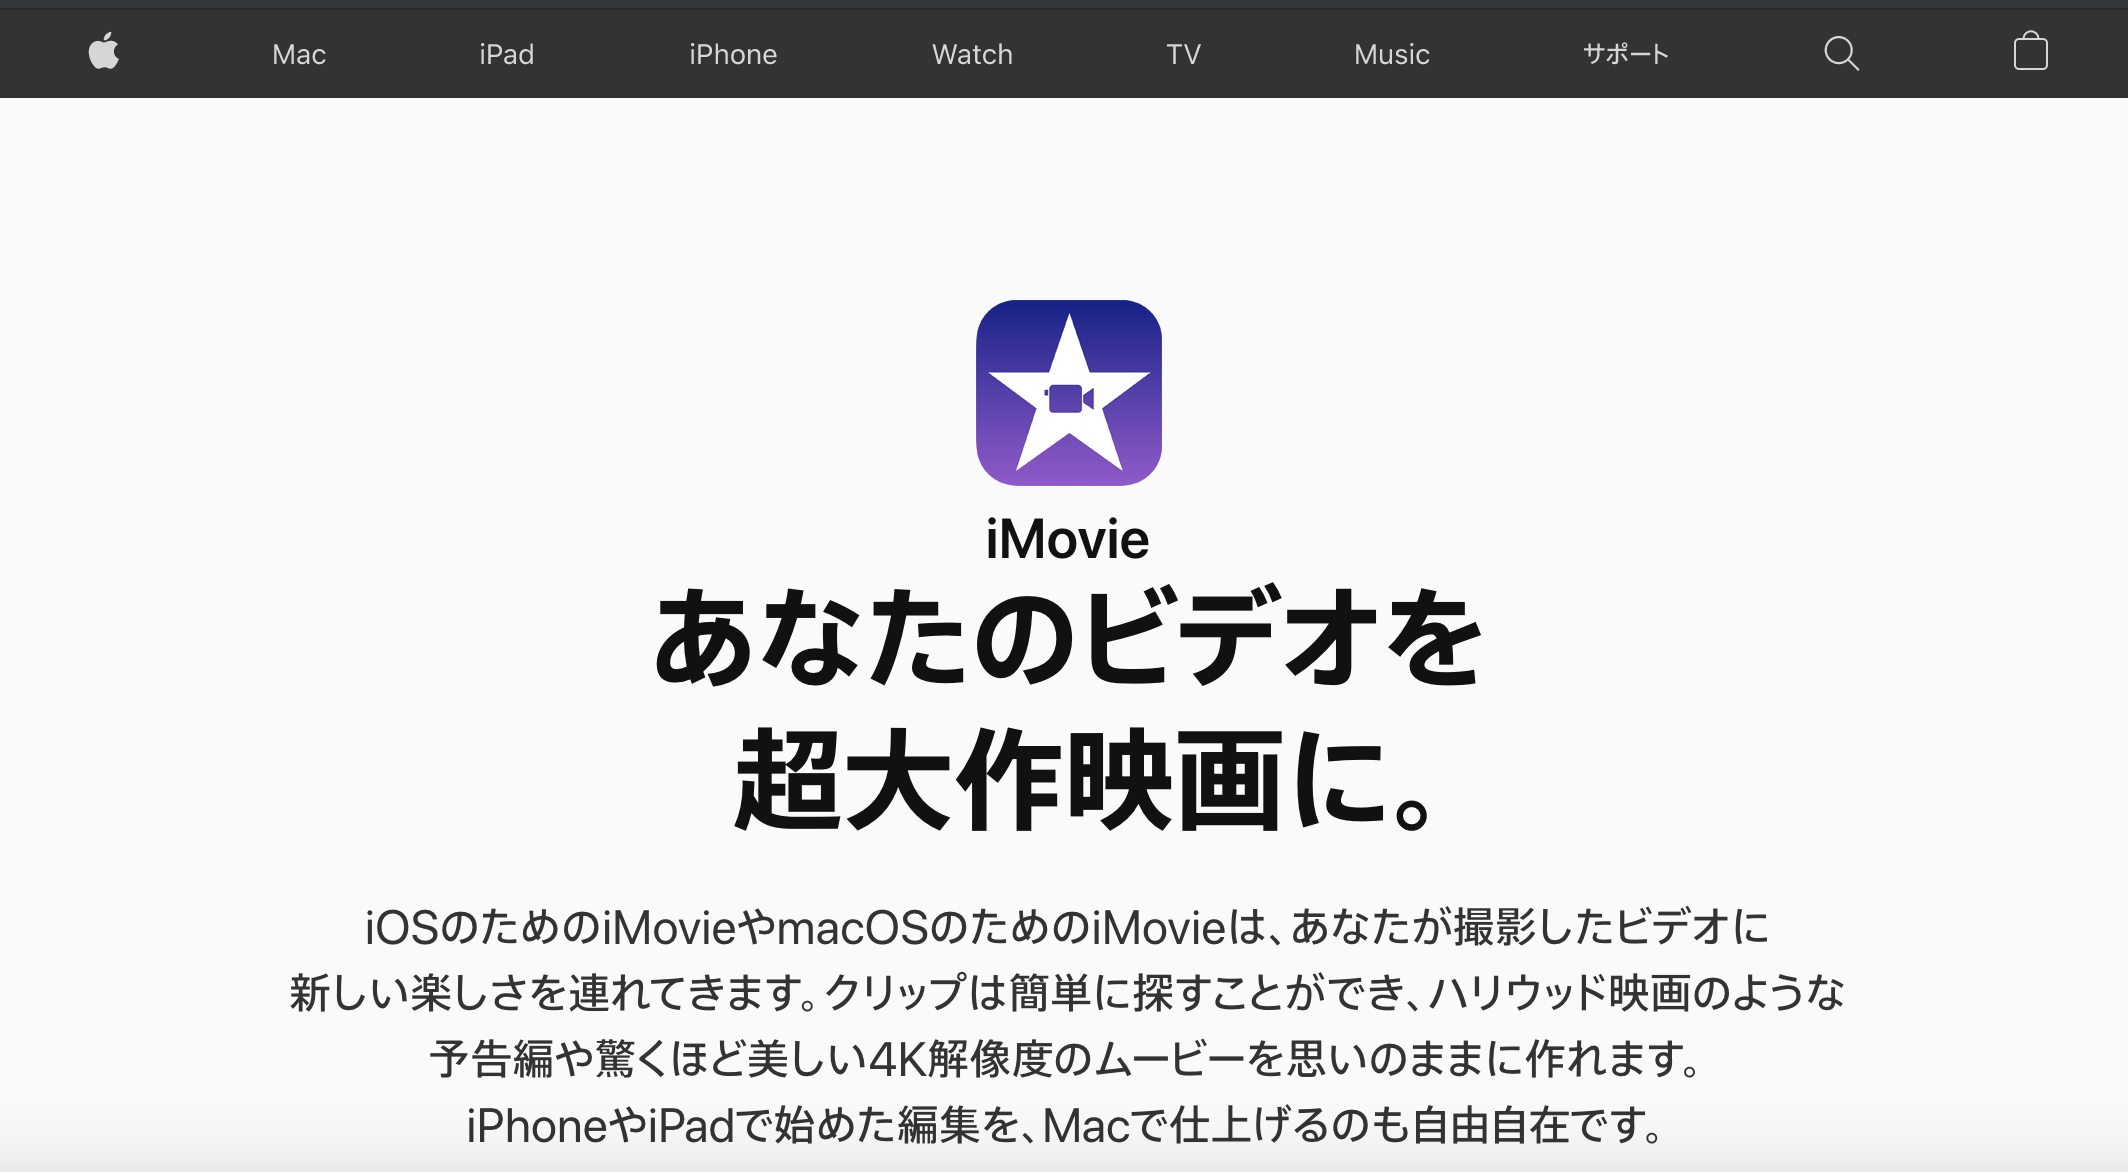 【スマホ】YouTuber向け動画編集ソフト「 iMovie」